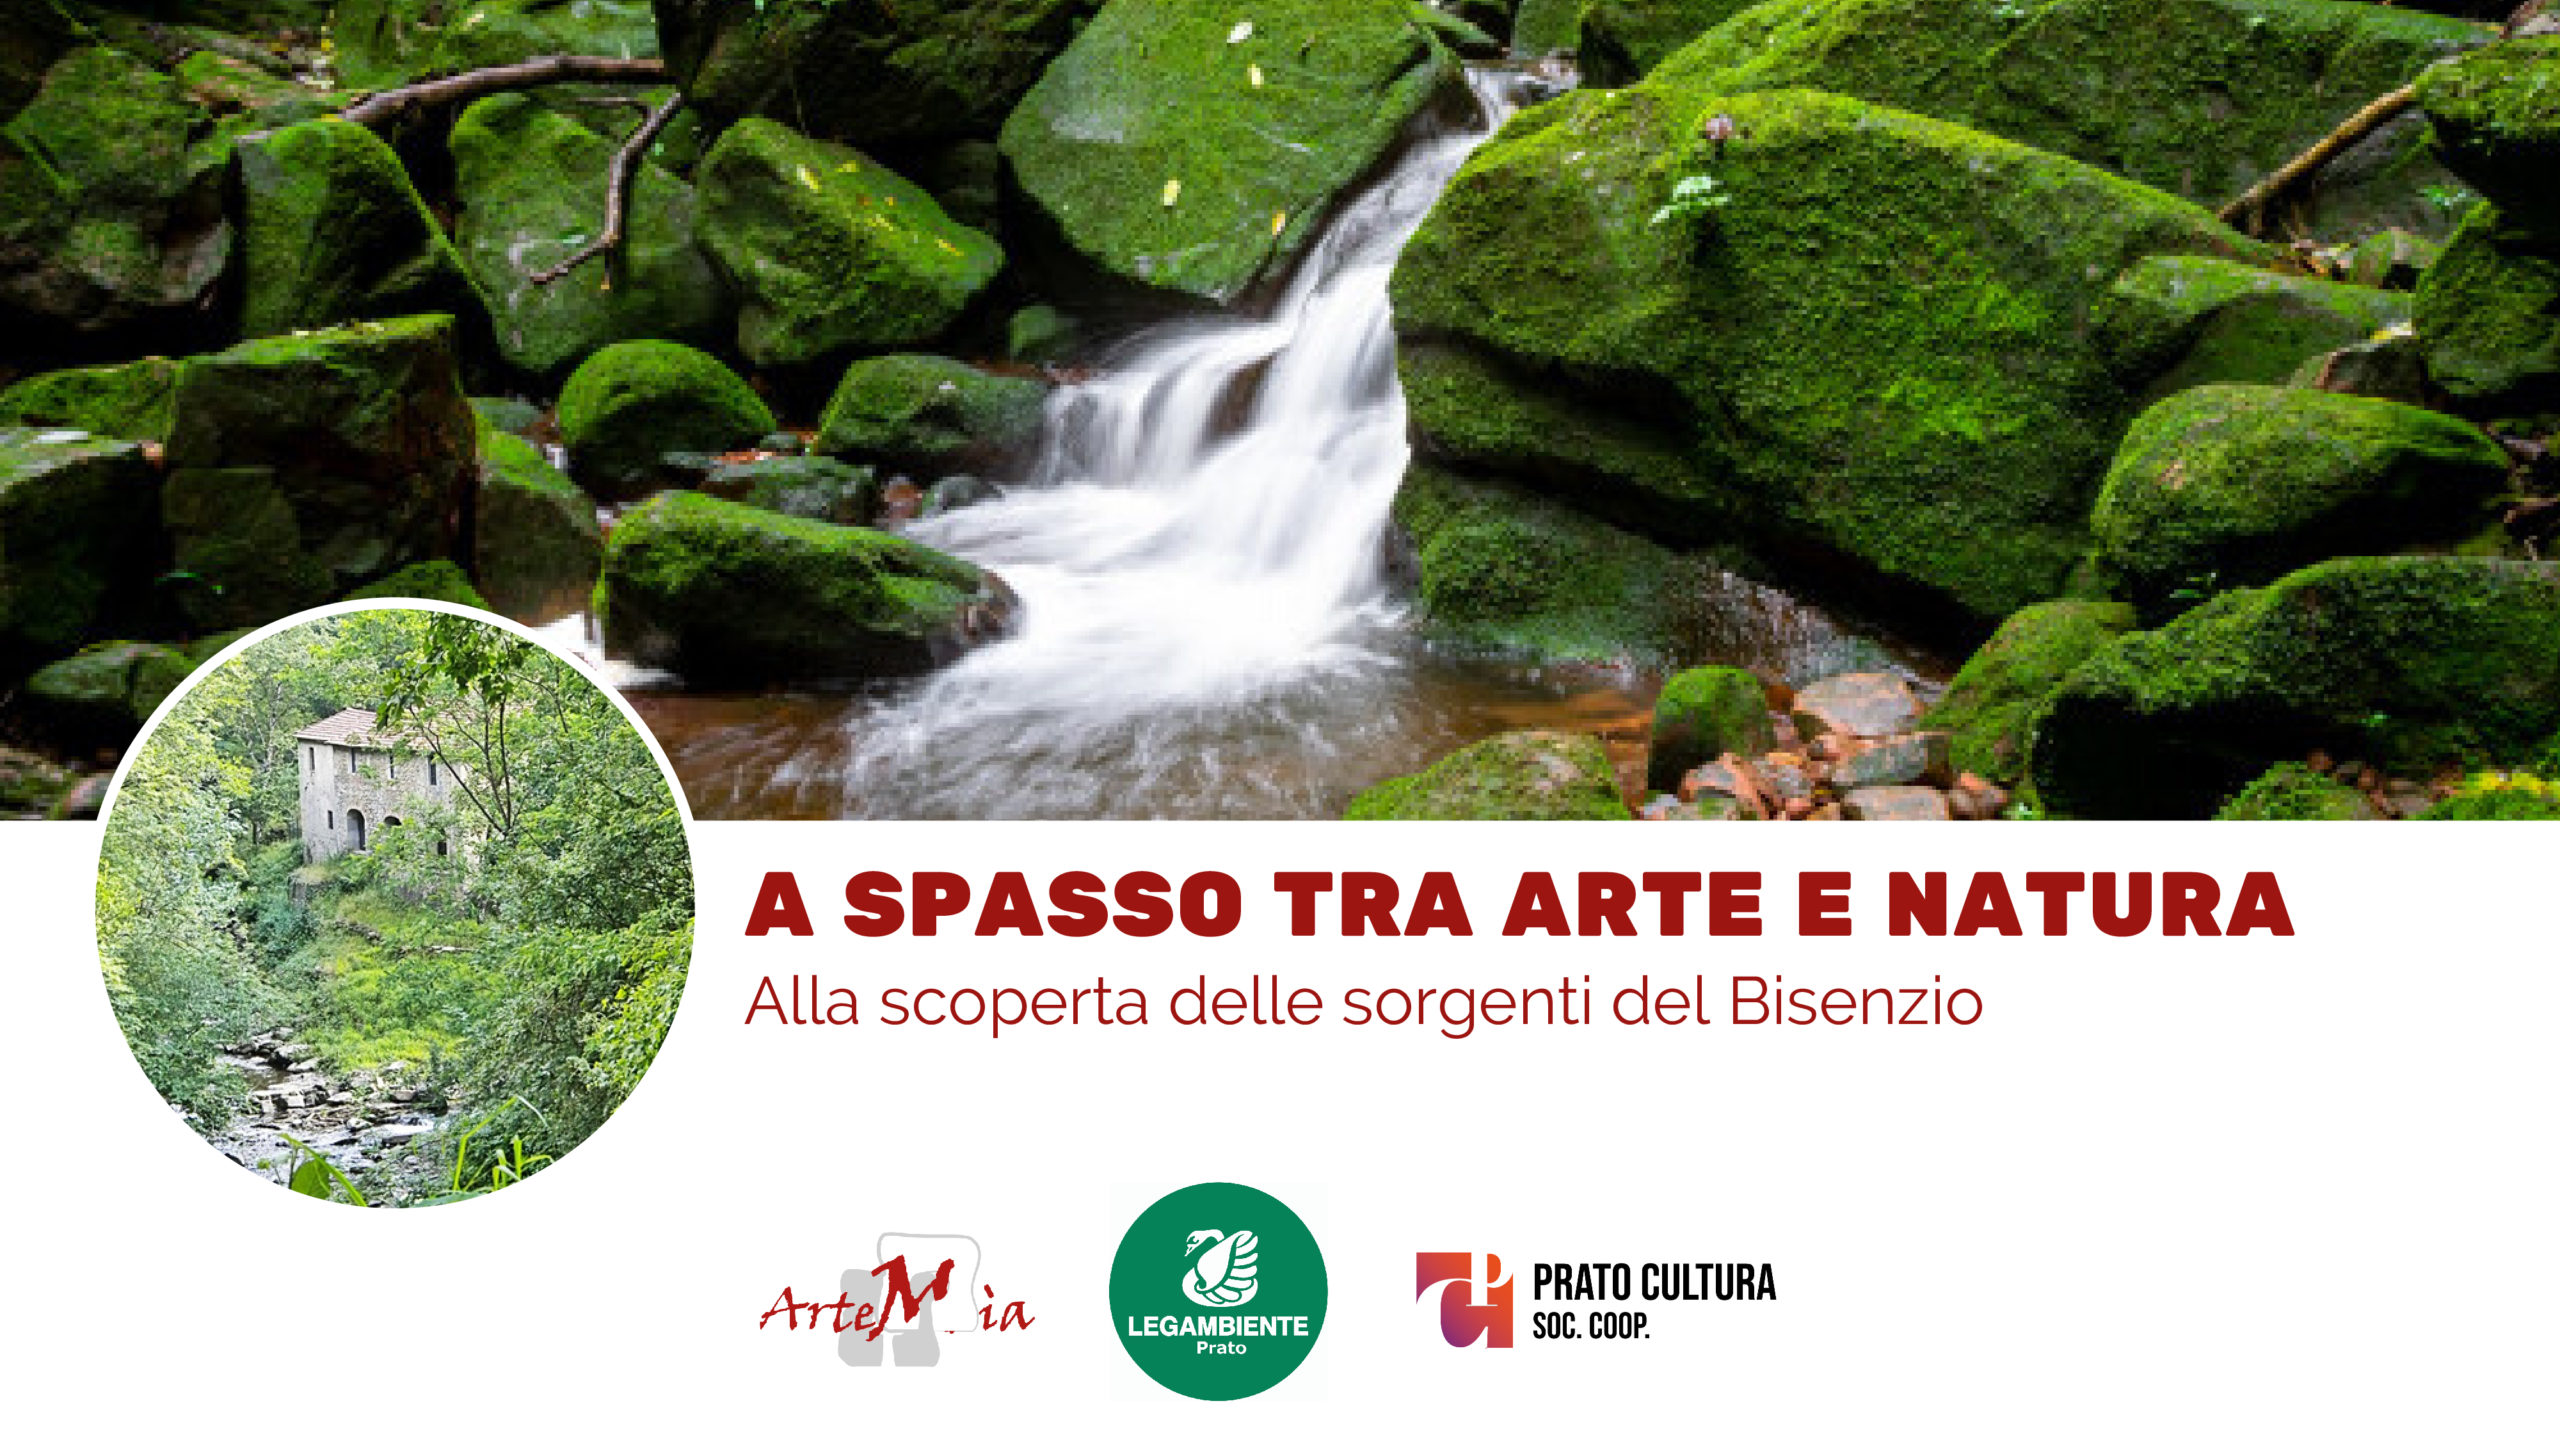 Visita: A SPASSO TRA ARTE E NATURA - Alla scoperta delle sorgenti del Bisenzio